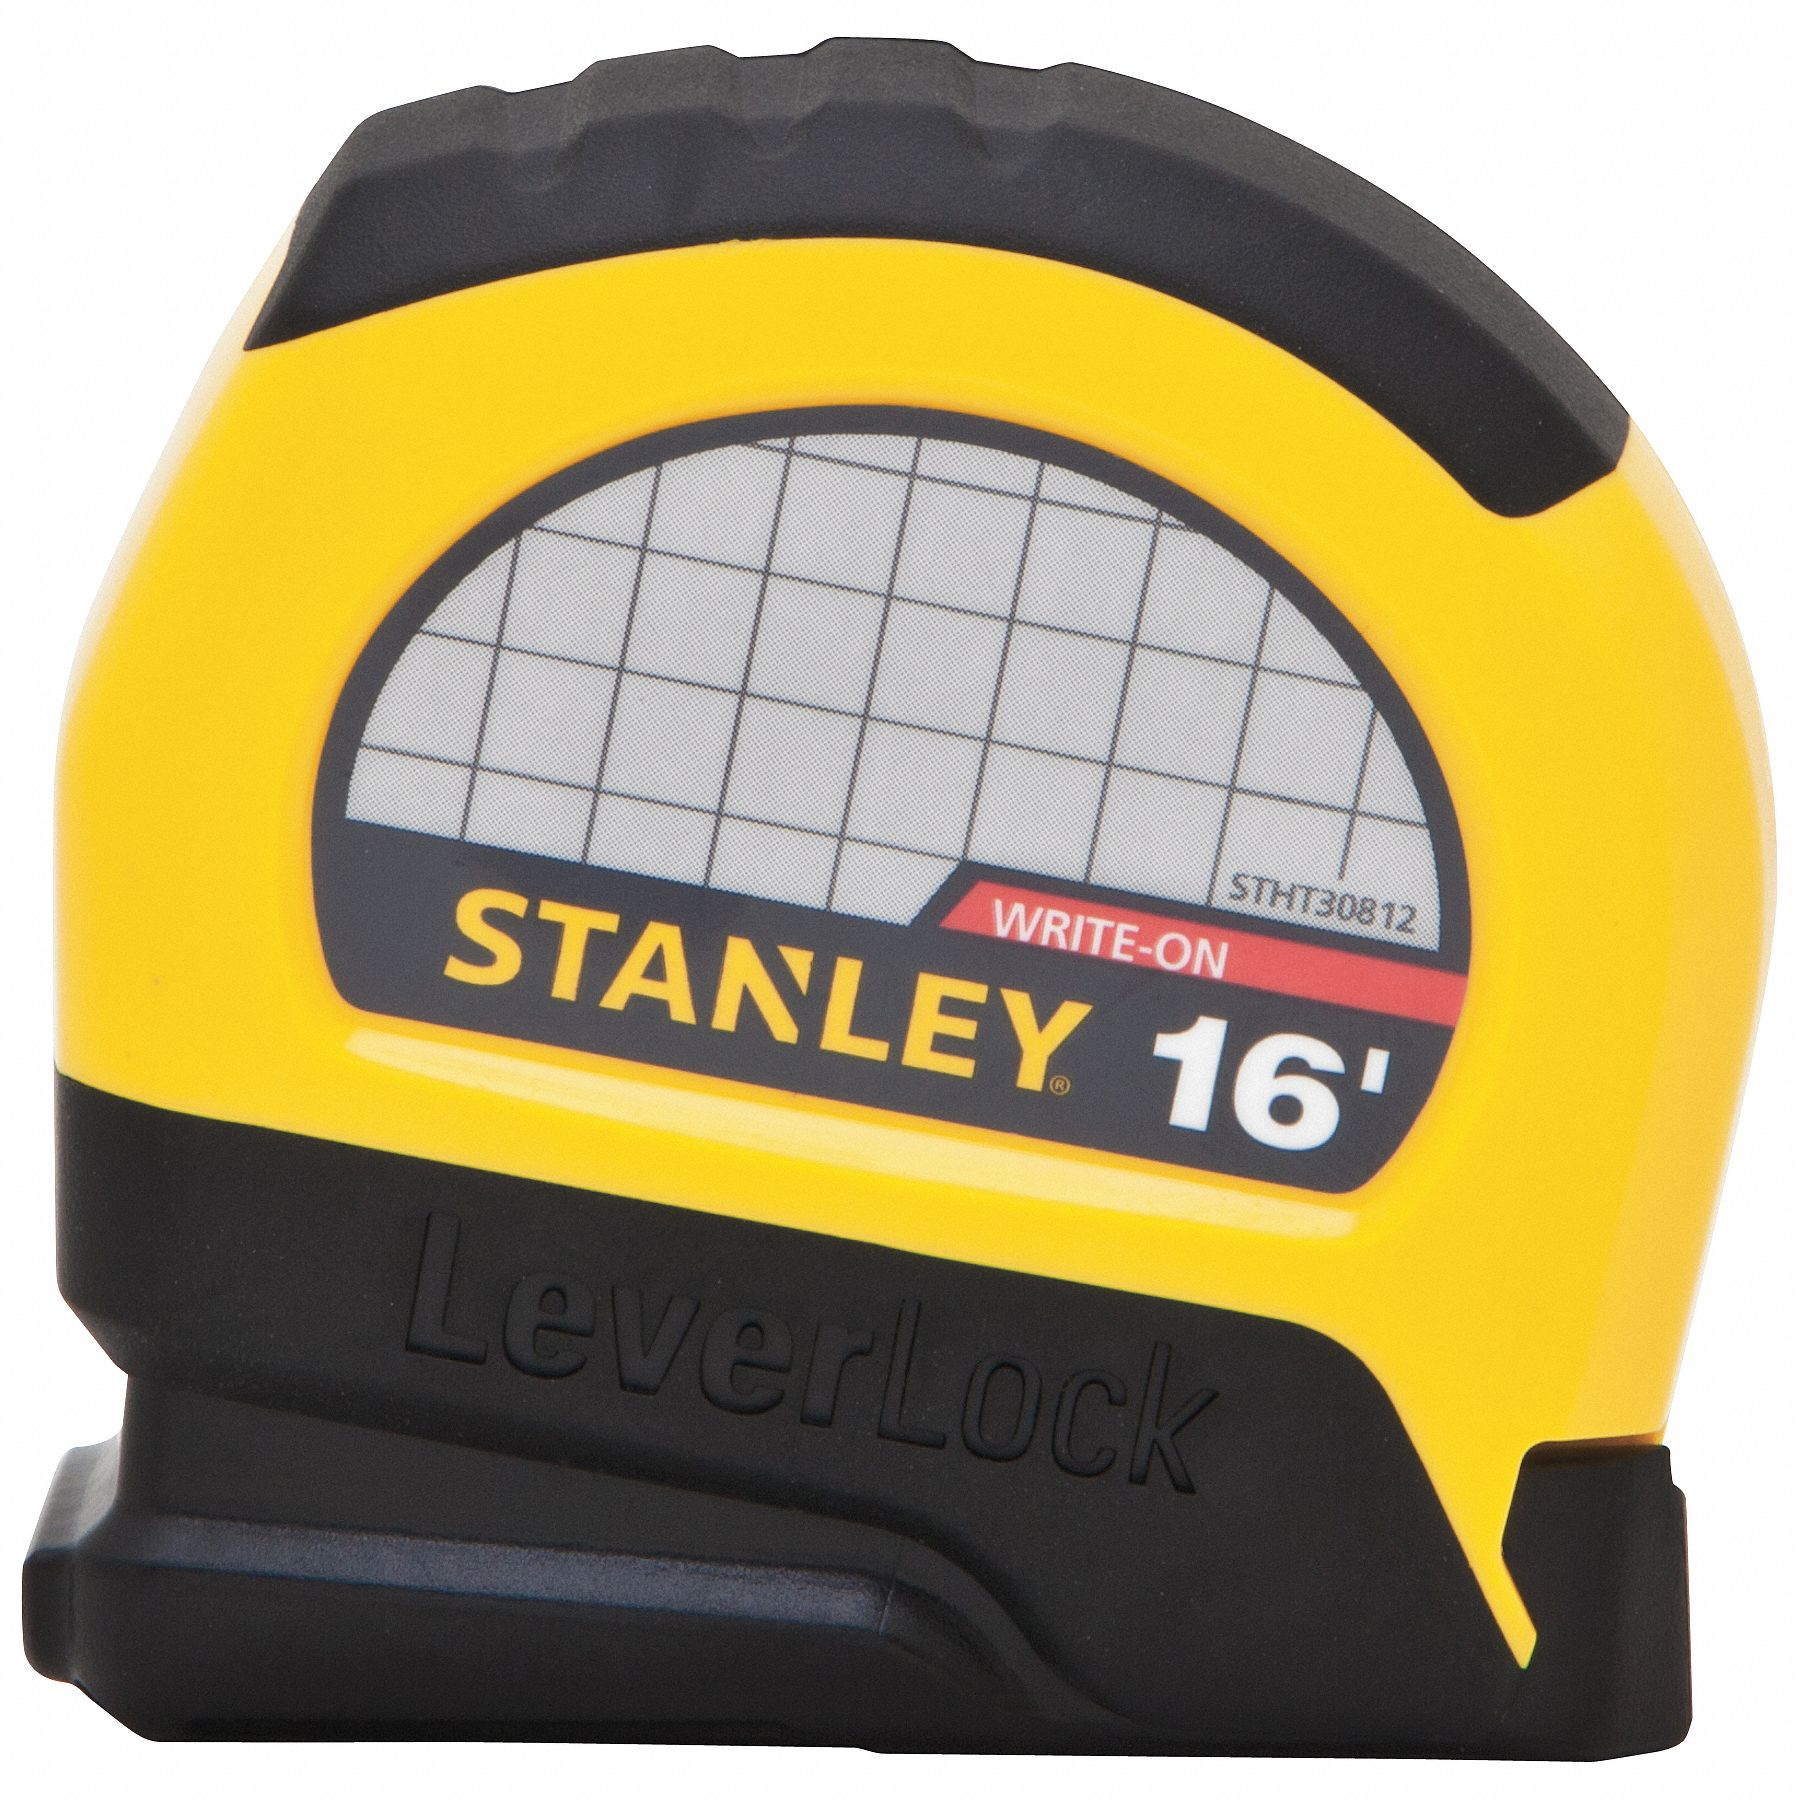 Stanley 16 Ft Steel Sae Tape Measure Black Yellow 20jy21 Basic 5m Stht30812 Grainger